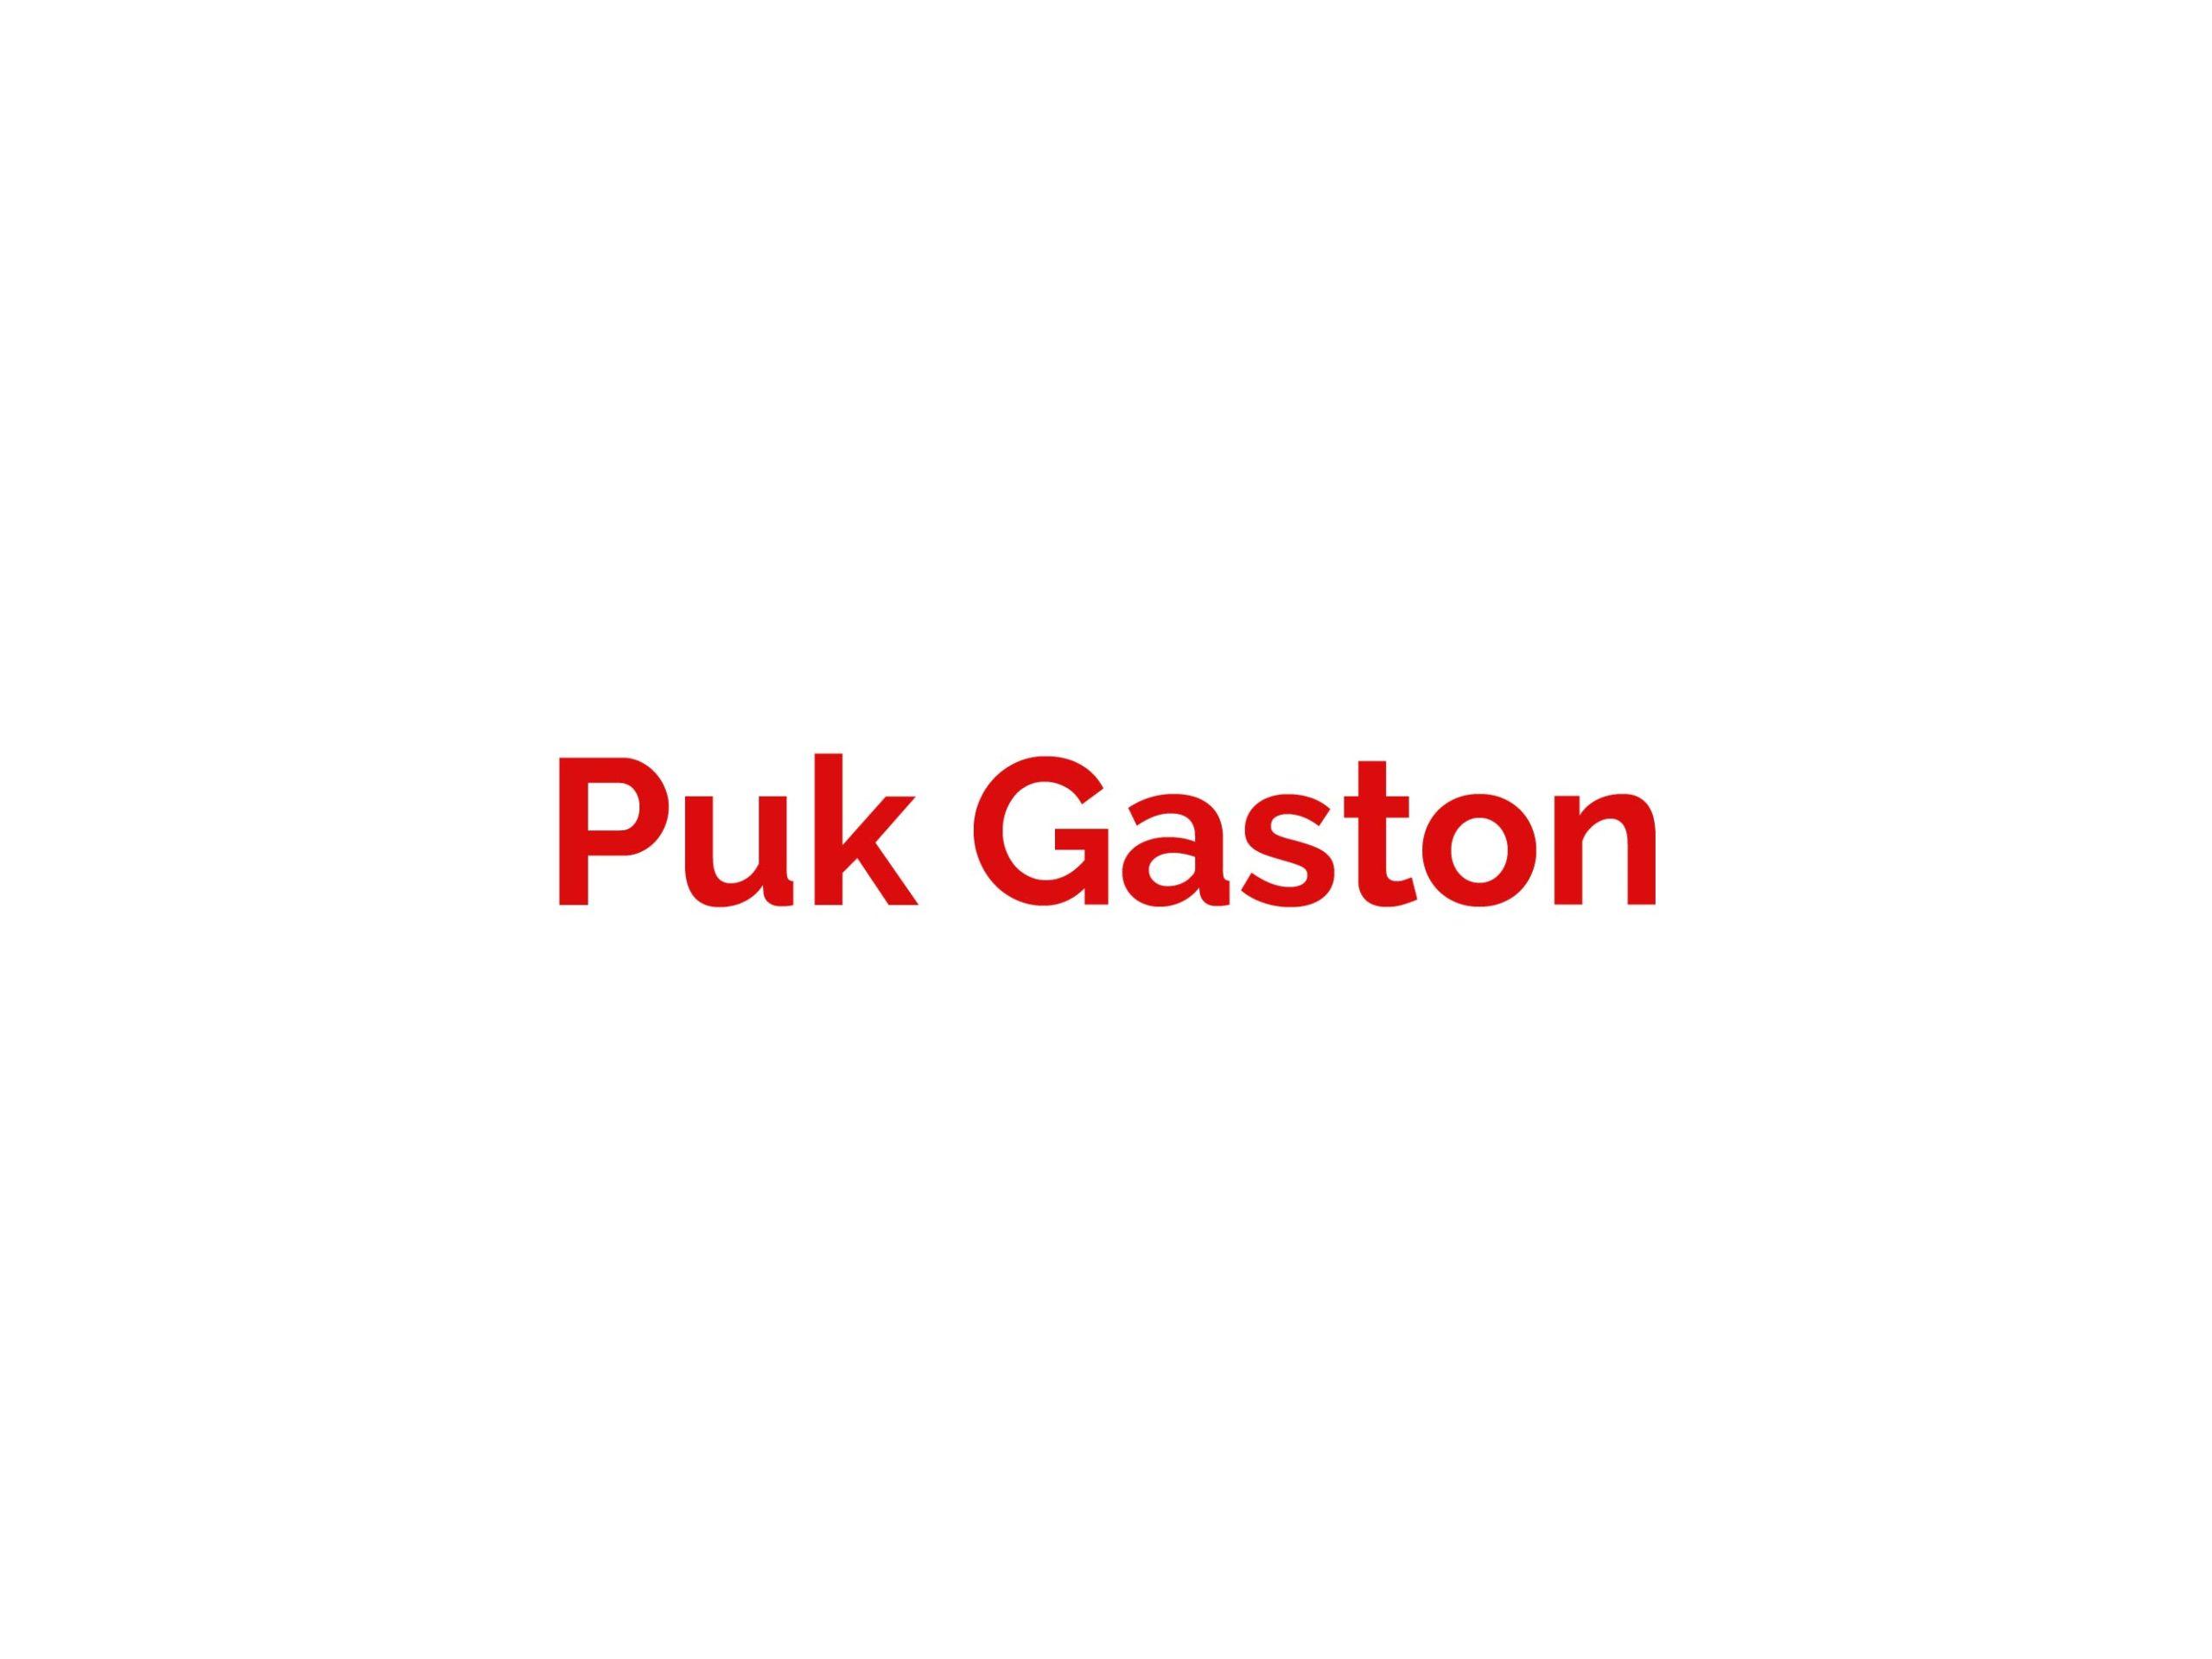 Puk Gaston